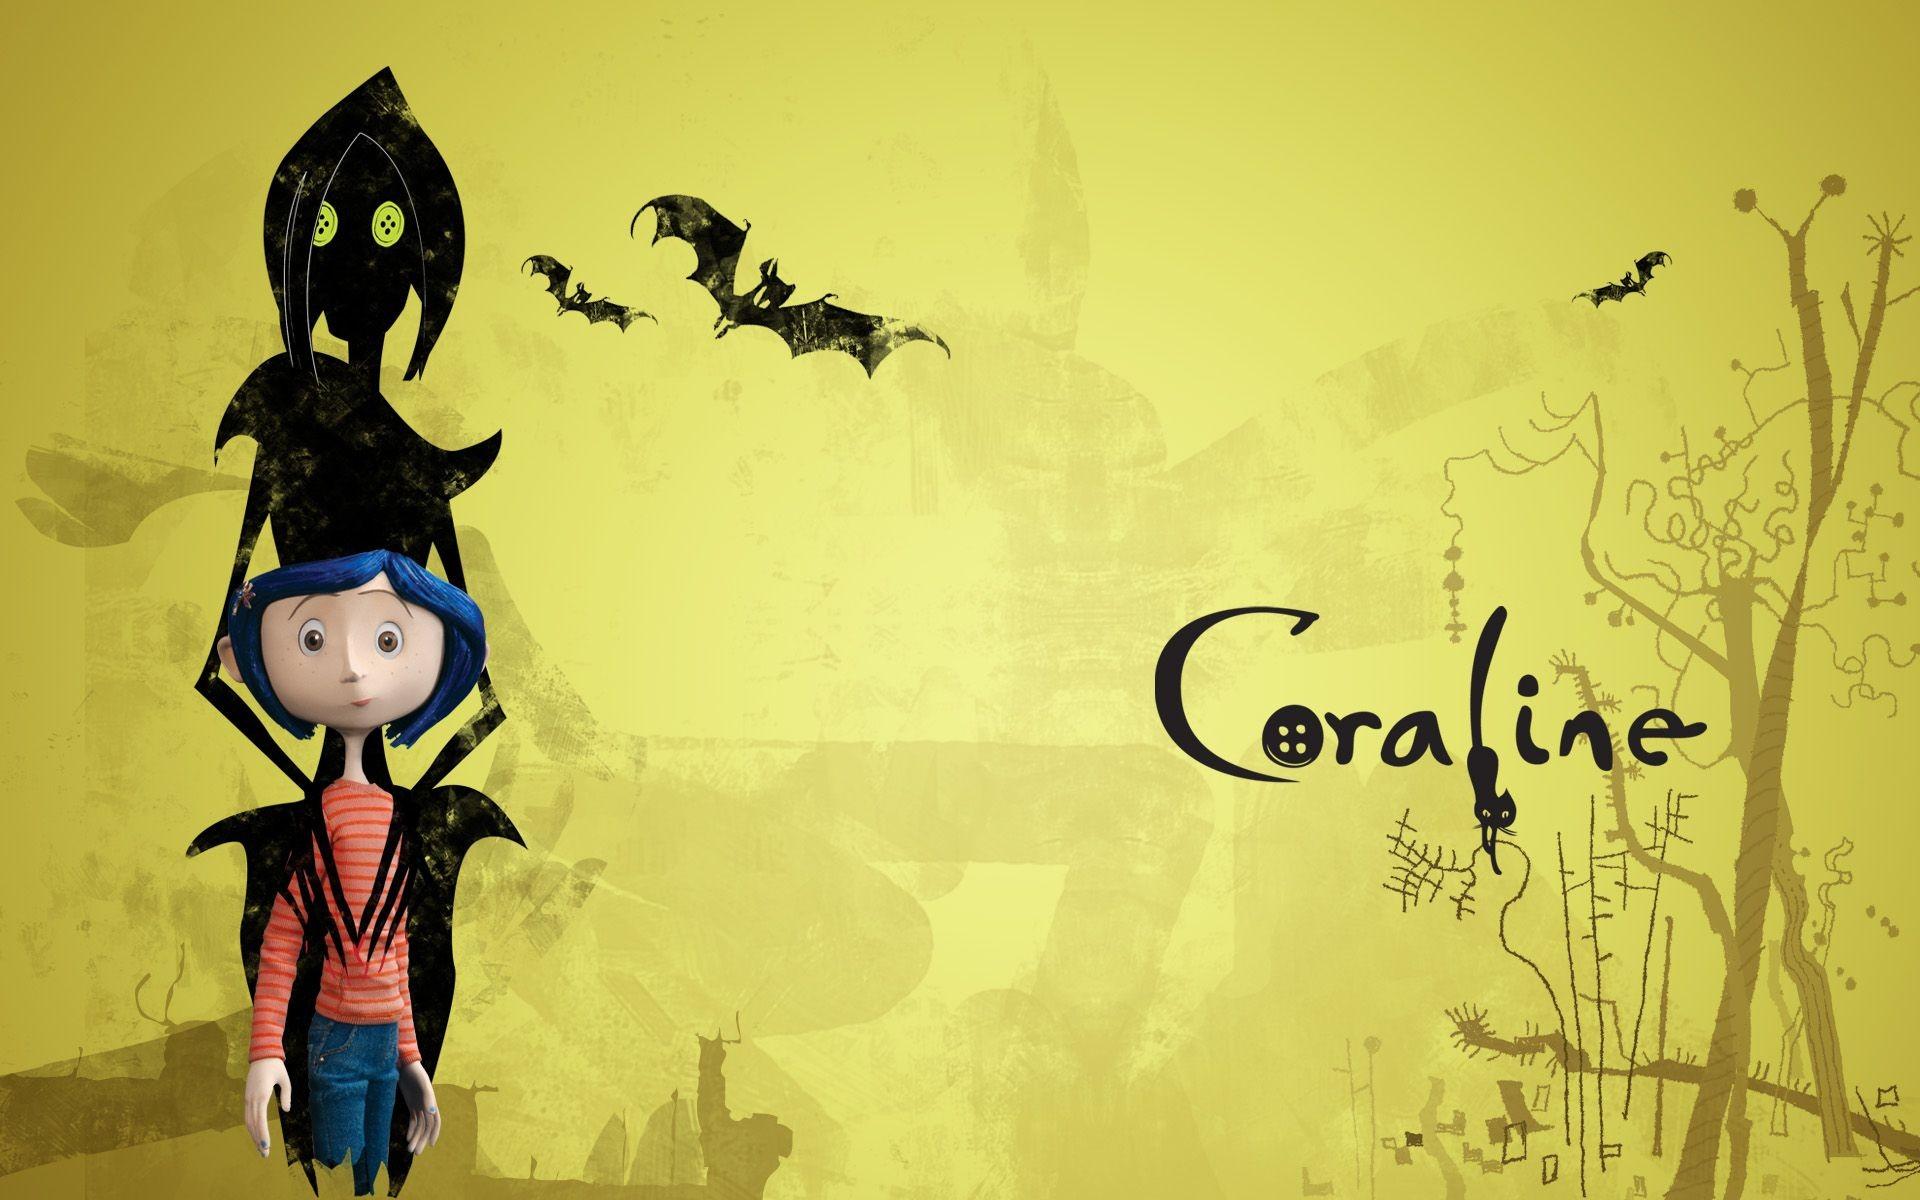 Wallpaper del film coraline e la porta magica 103911 - Coraline e la porta magica film ...